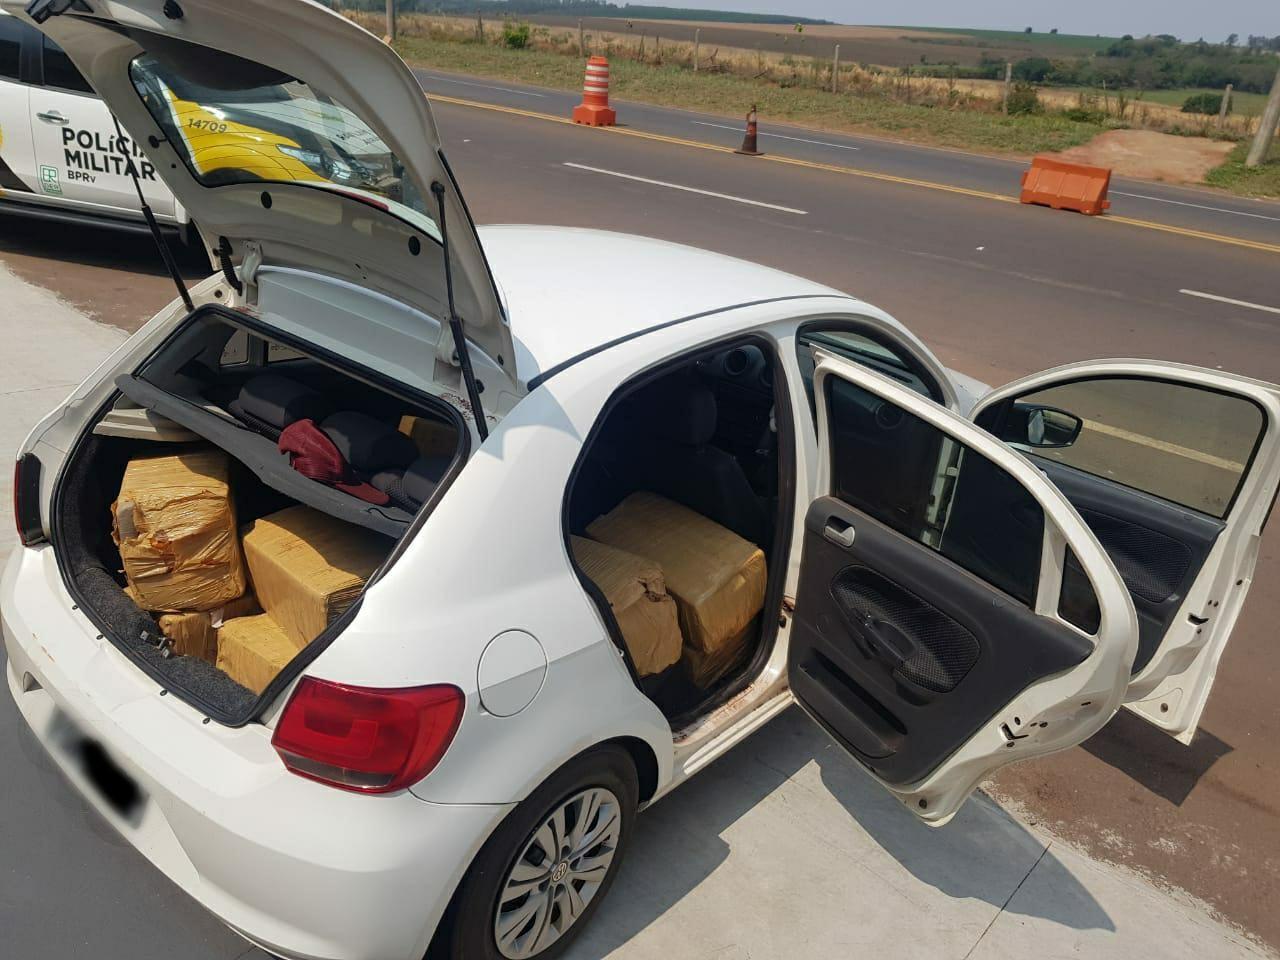 Jovem é preso com 243 quilos de maconha após tentar se esconder em plantação de milho durante perseguição, diz PRE